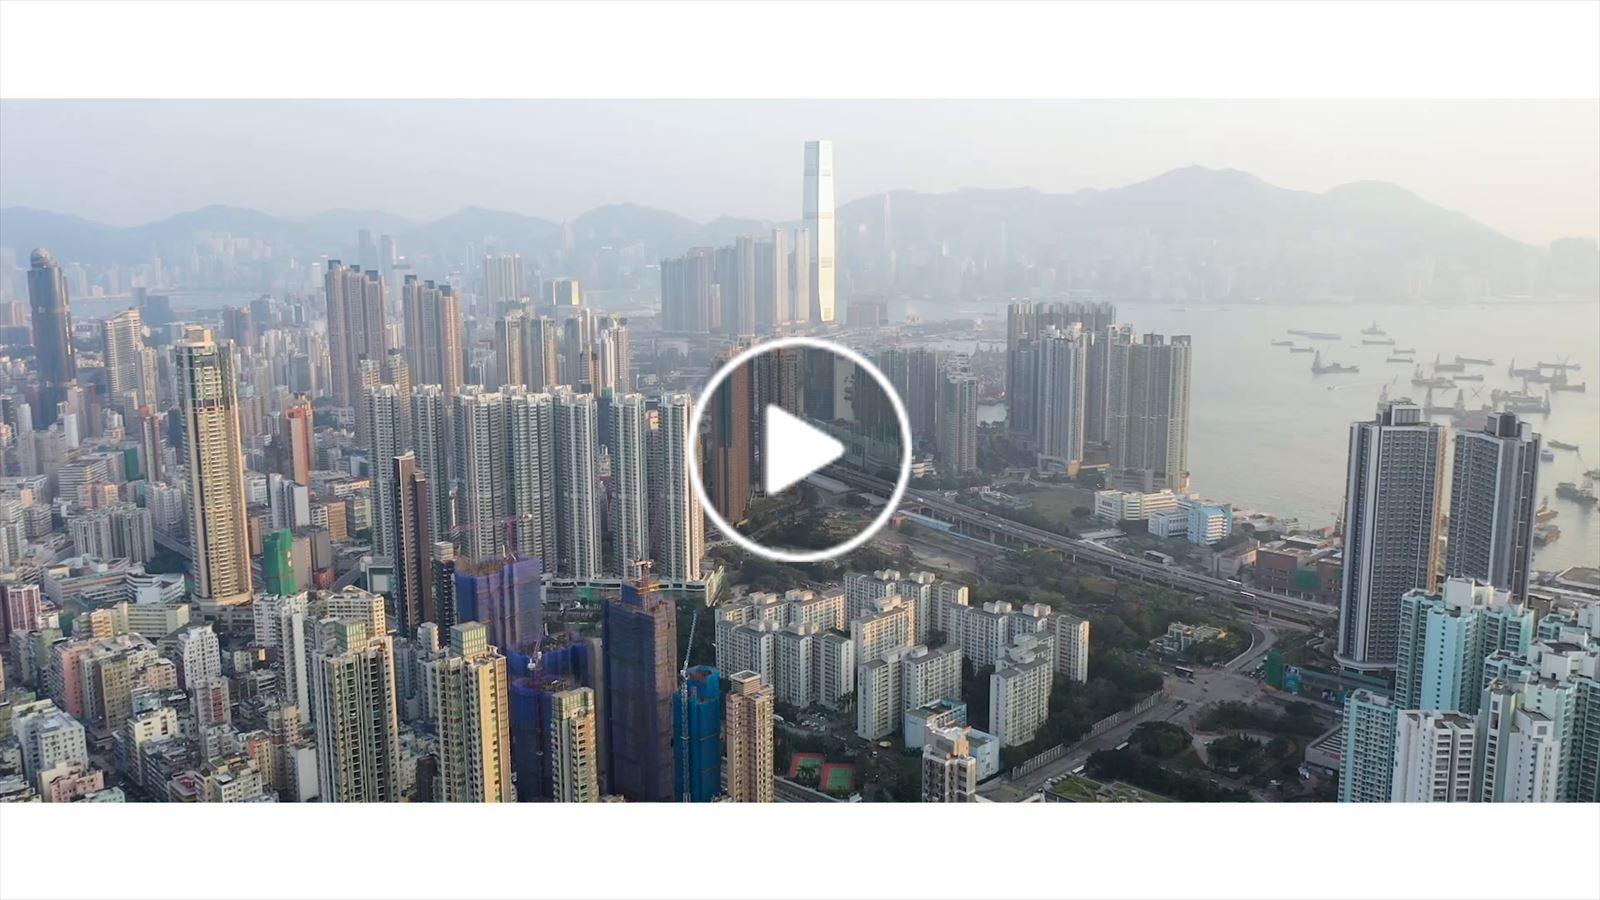 【一手盤攻略】 市區焦點大盤 拆解愛海頌升值潛力 影片來源:on.cc東網視訊